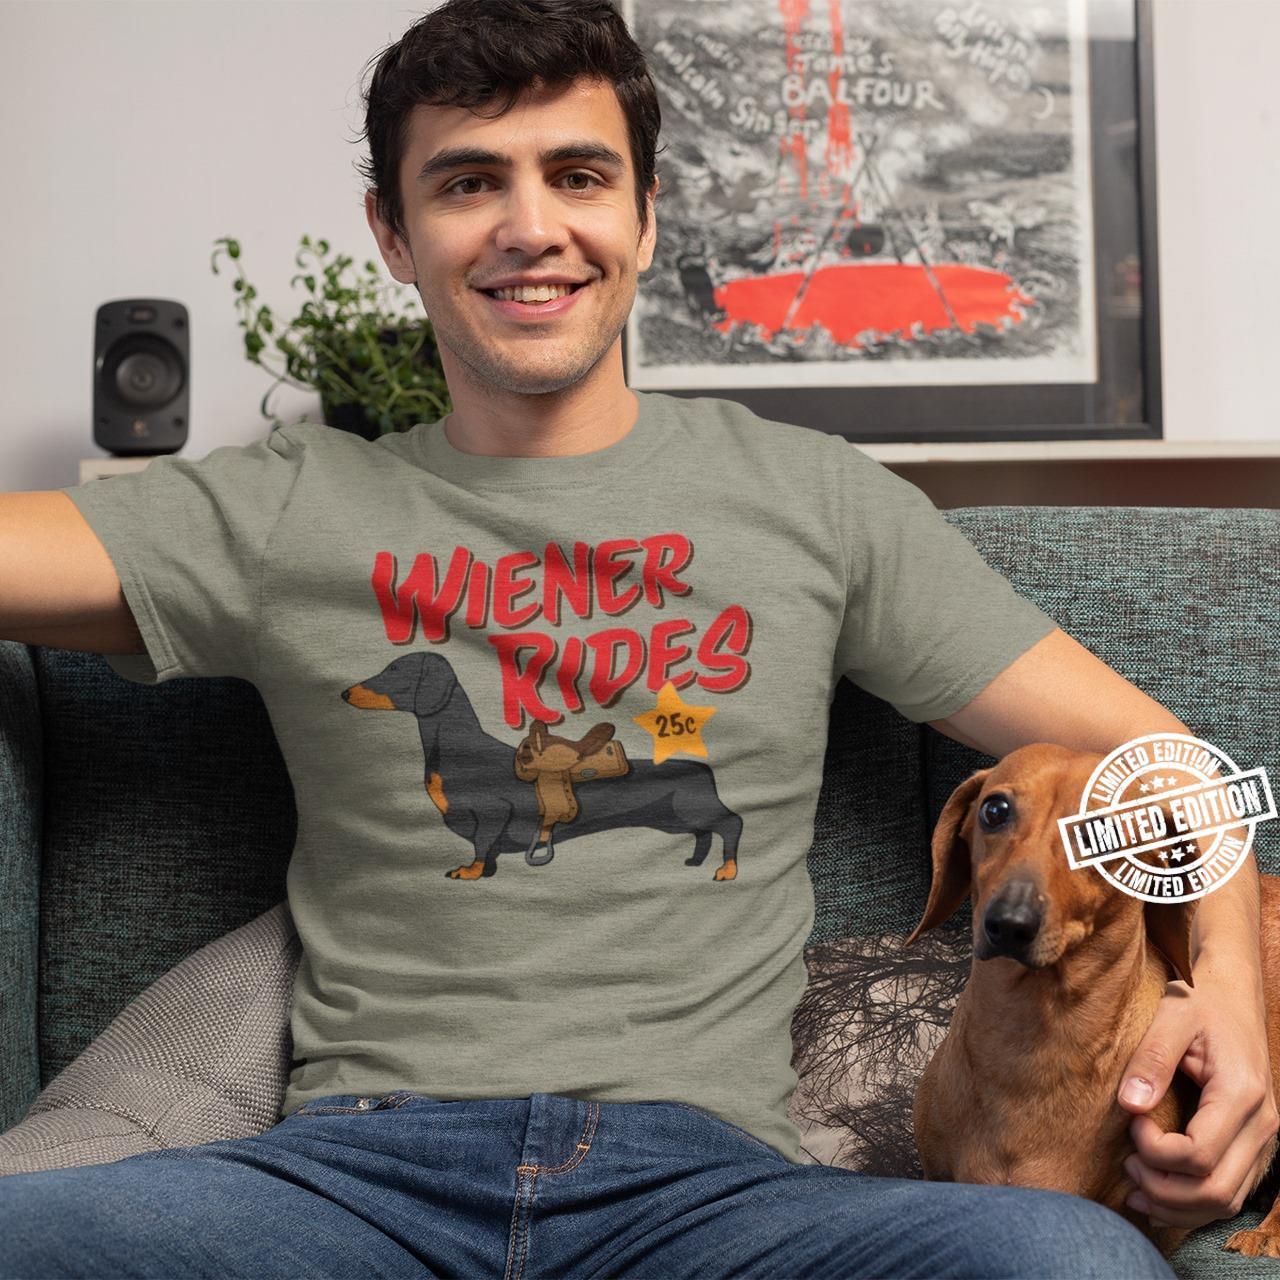 Wiener rides 25c shirt